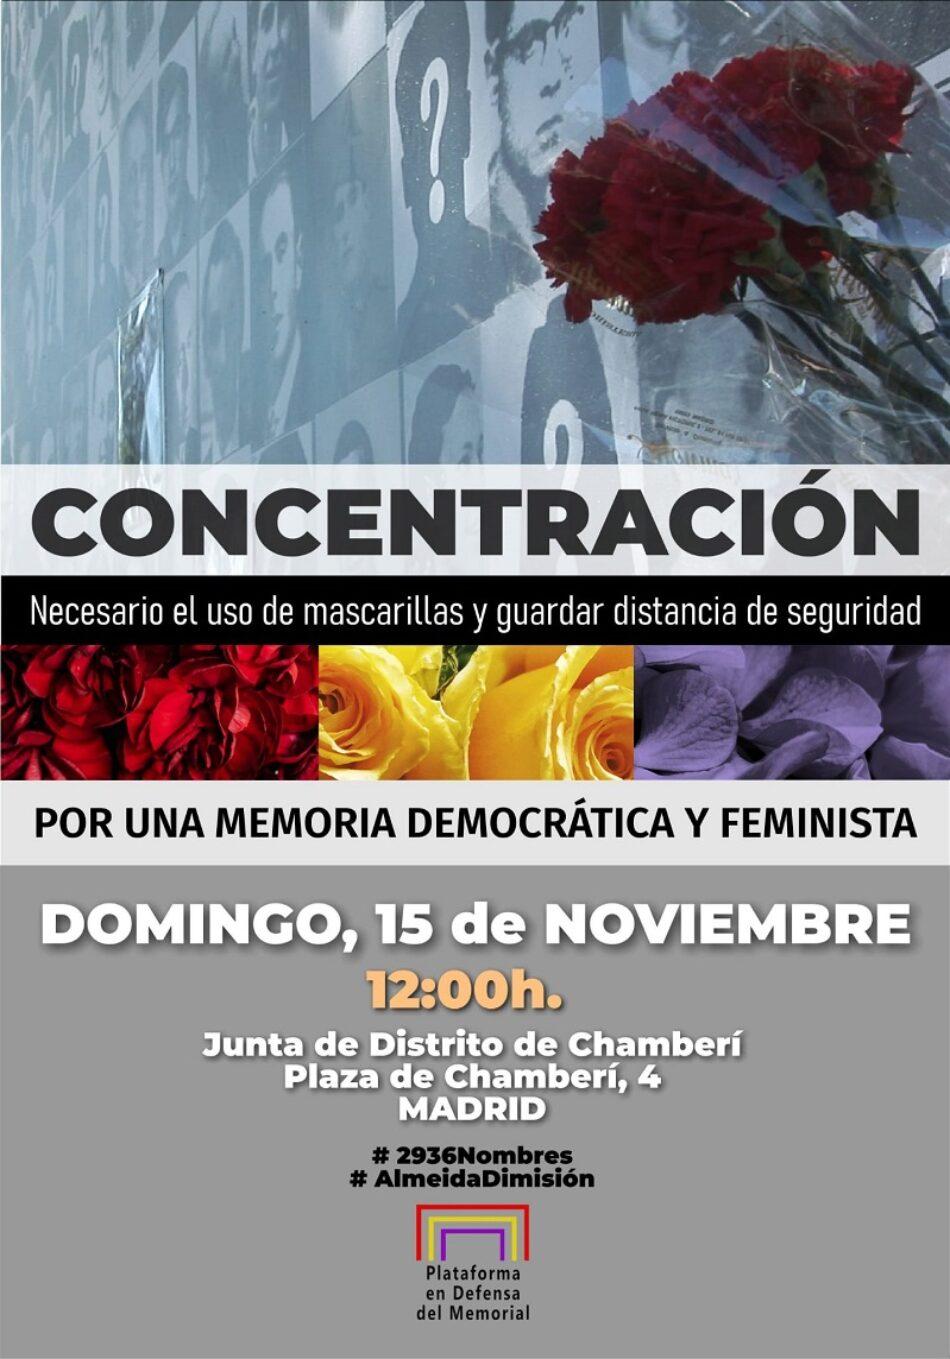 La Plataforma en Defensa del Memorial convoca concentración por una «Memoria Democrática y Feminista en el Ayuntamiento de Madrid»